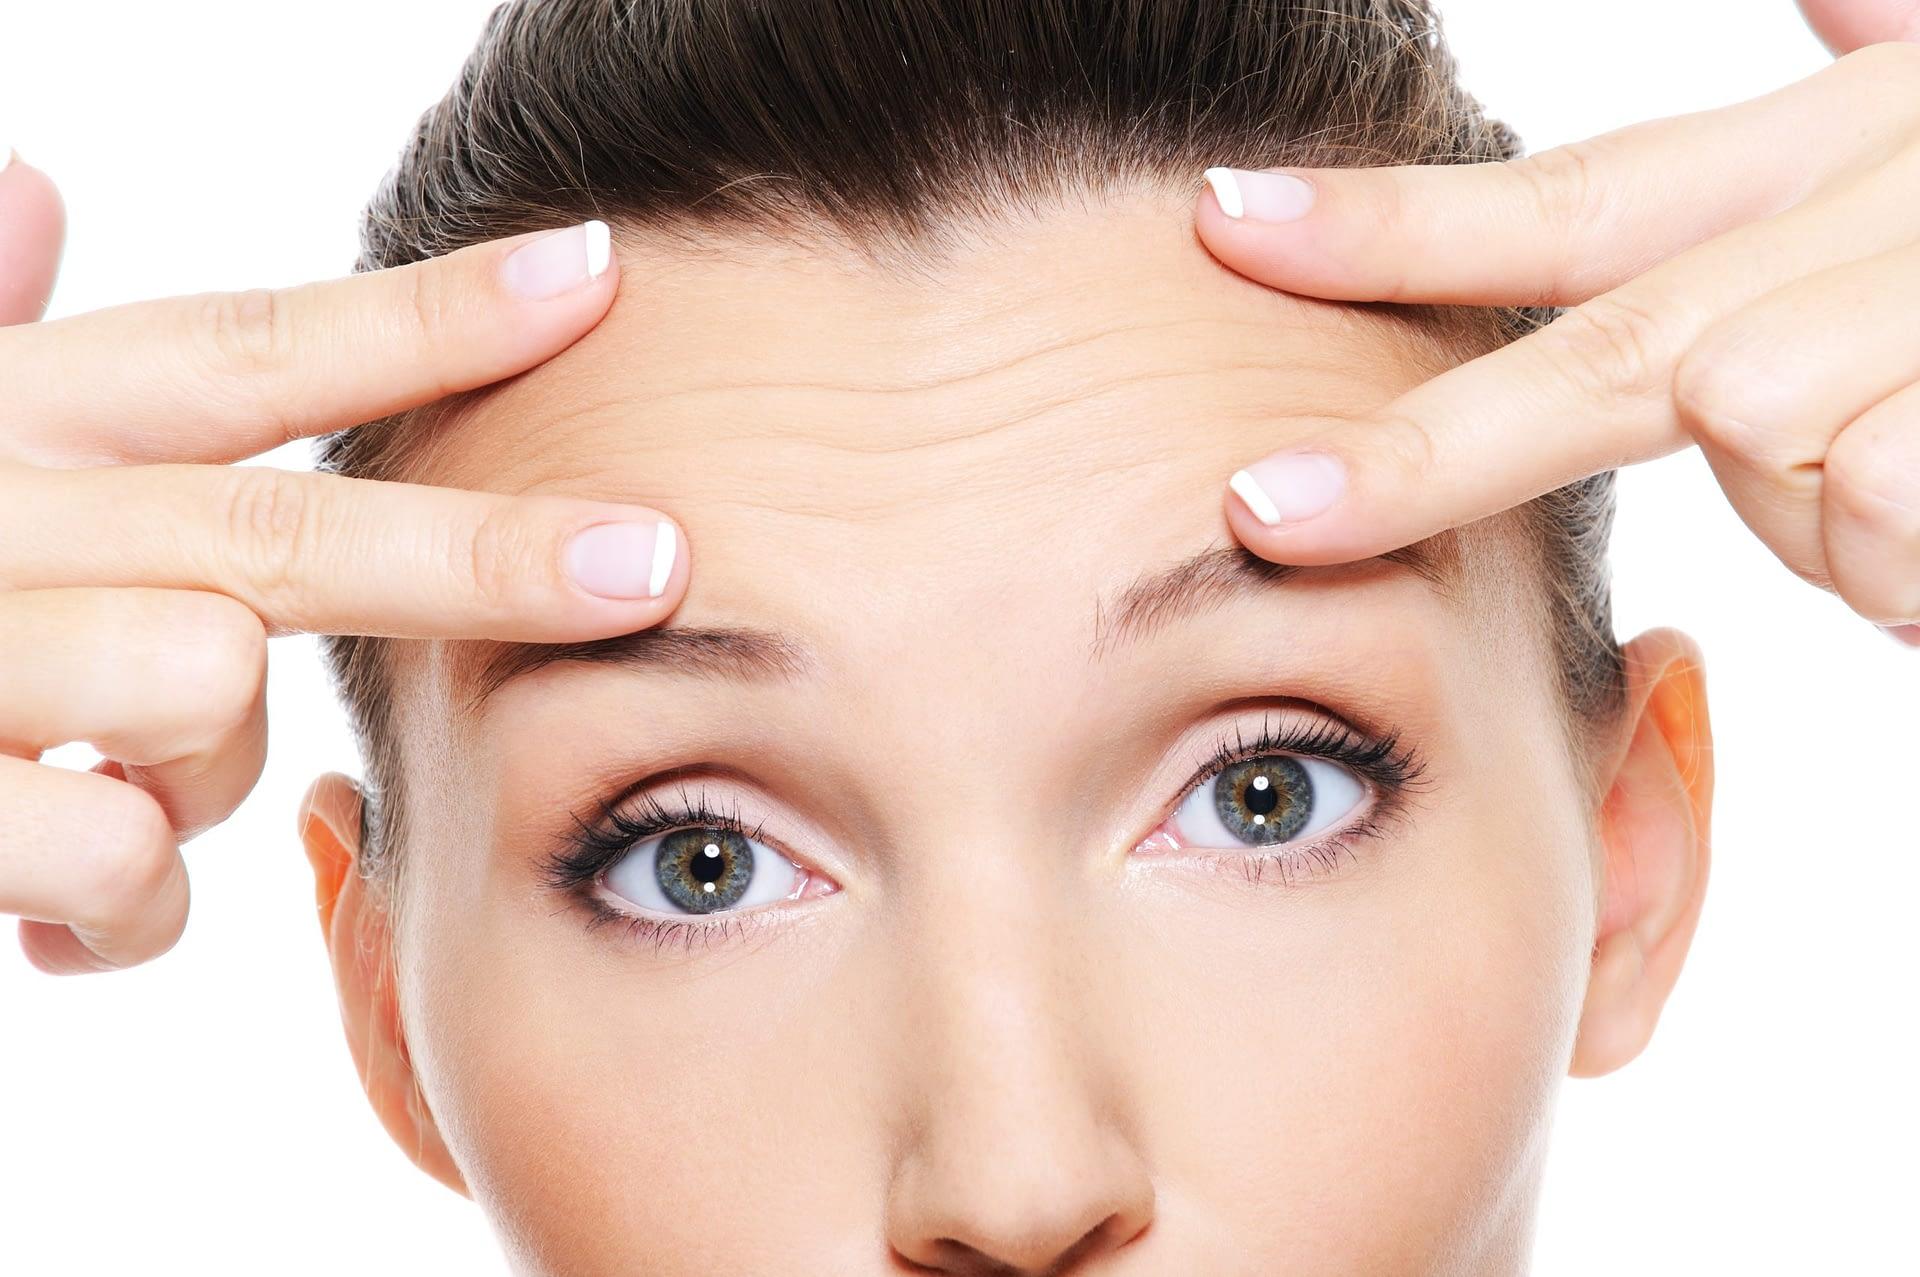 Zmarszczki pod oczami - jak się ich skutecznie pozbyć?